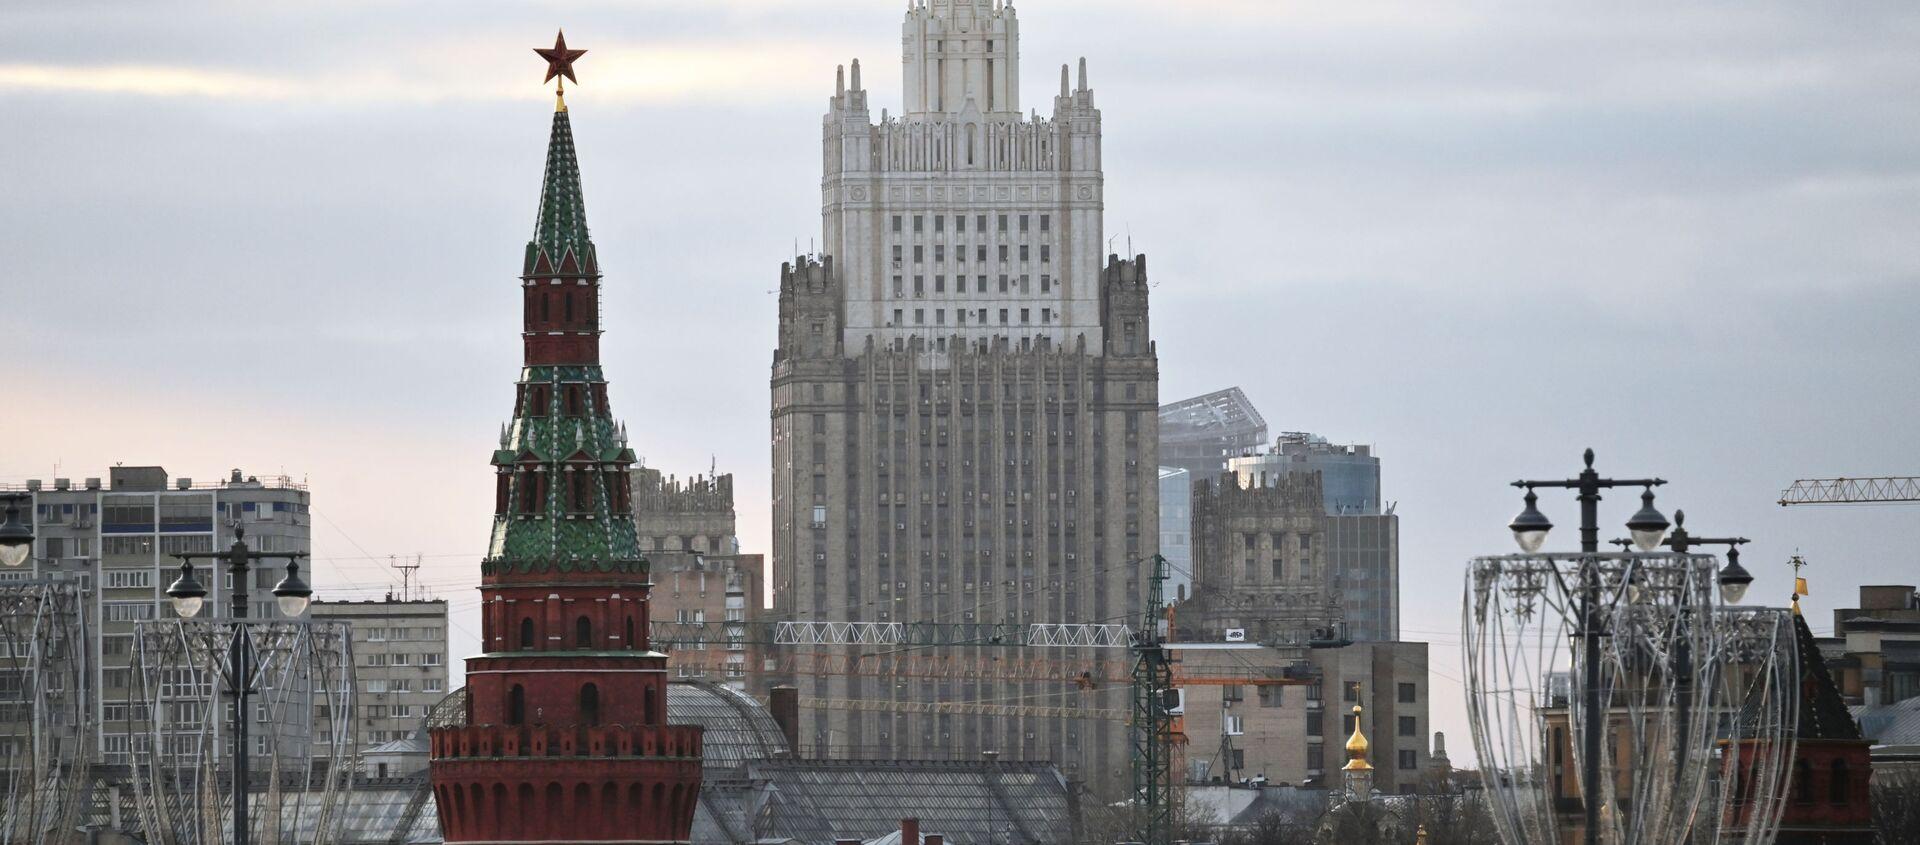 Tòa nhà của Bộ Ngoại giao Liên bang Nga. - Sputnik Việt Nam, 1920, 24.09.2021